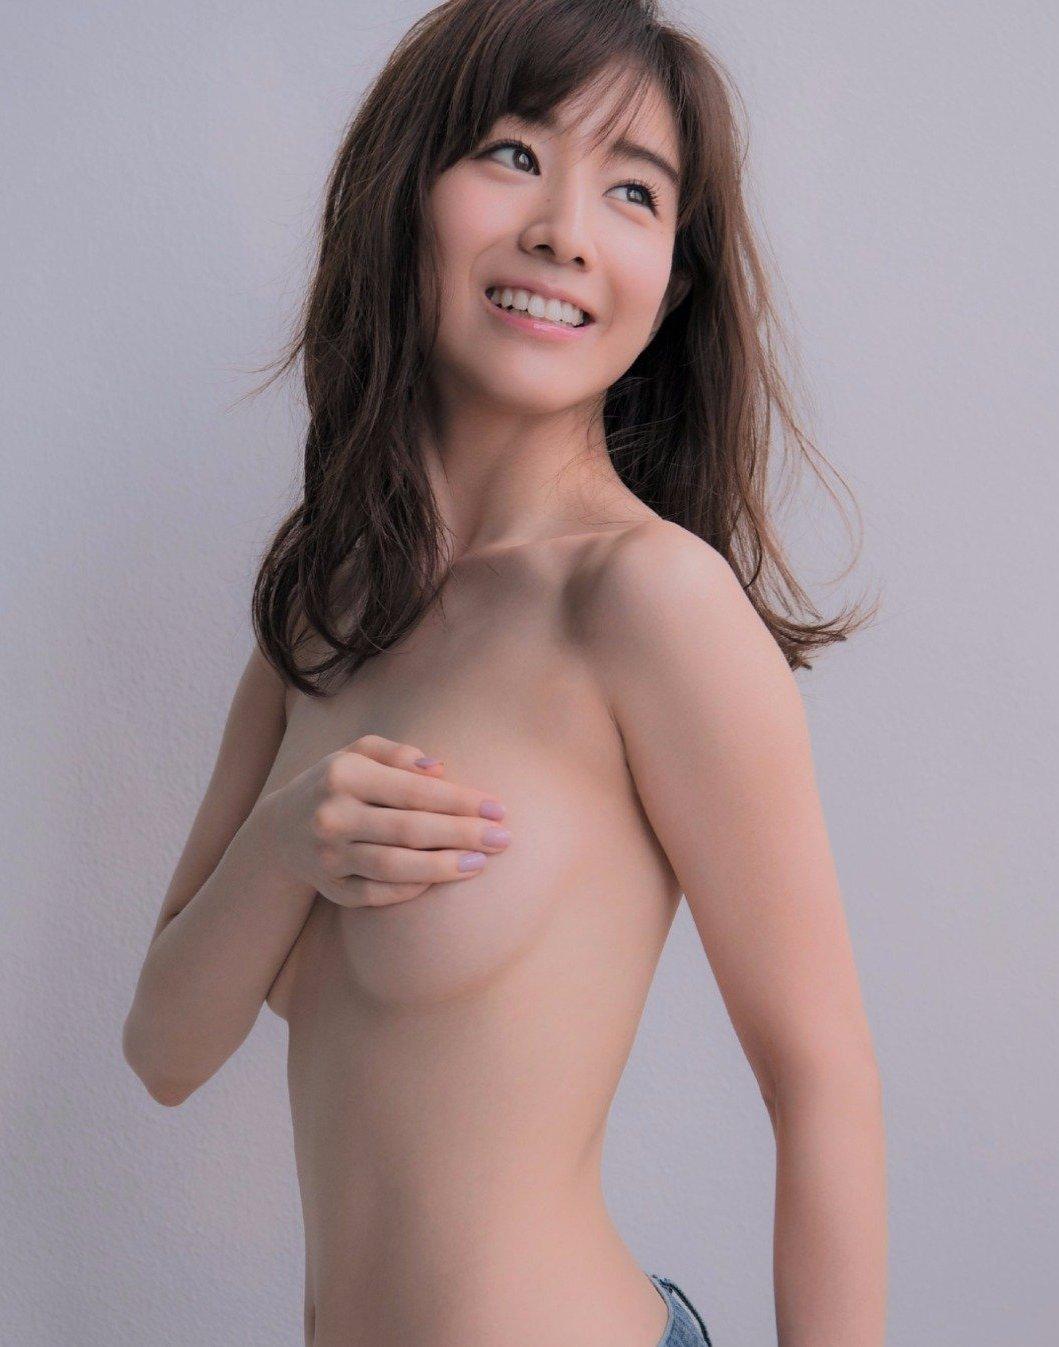 可愛い芸能人がセミヌードになって手で乳房を隠す (8)